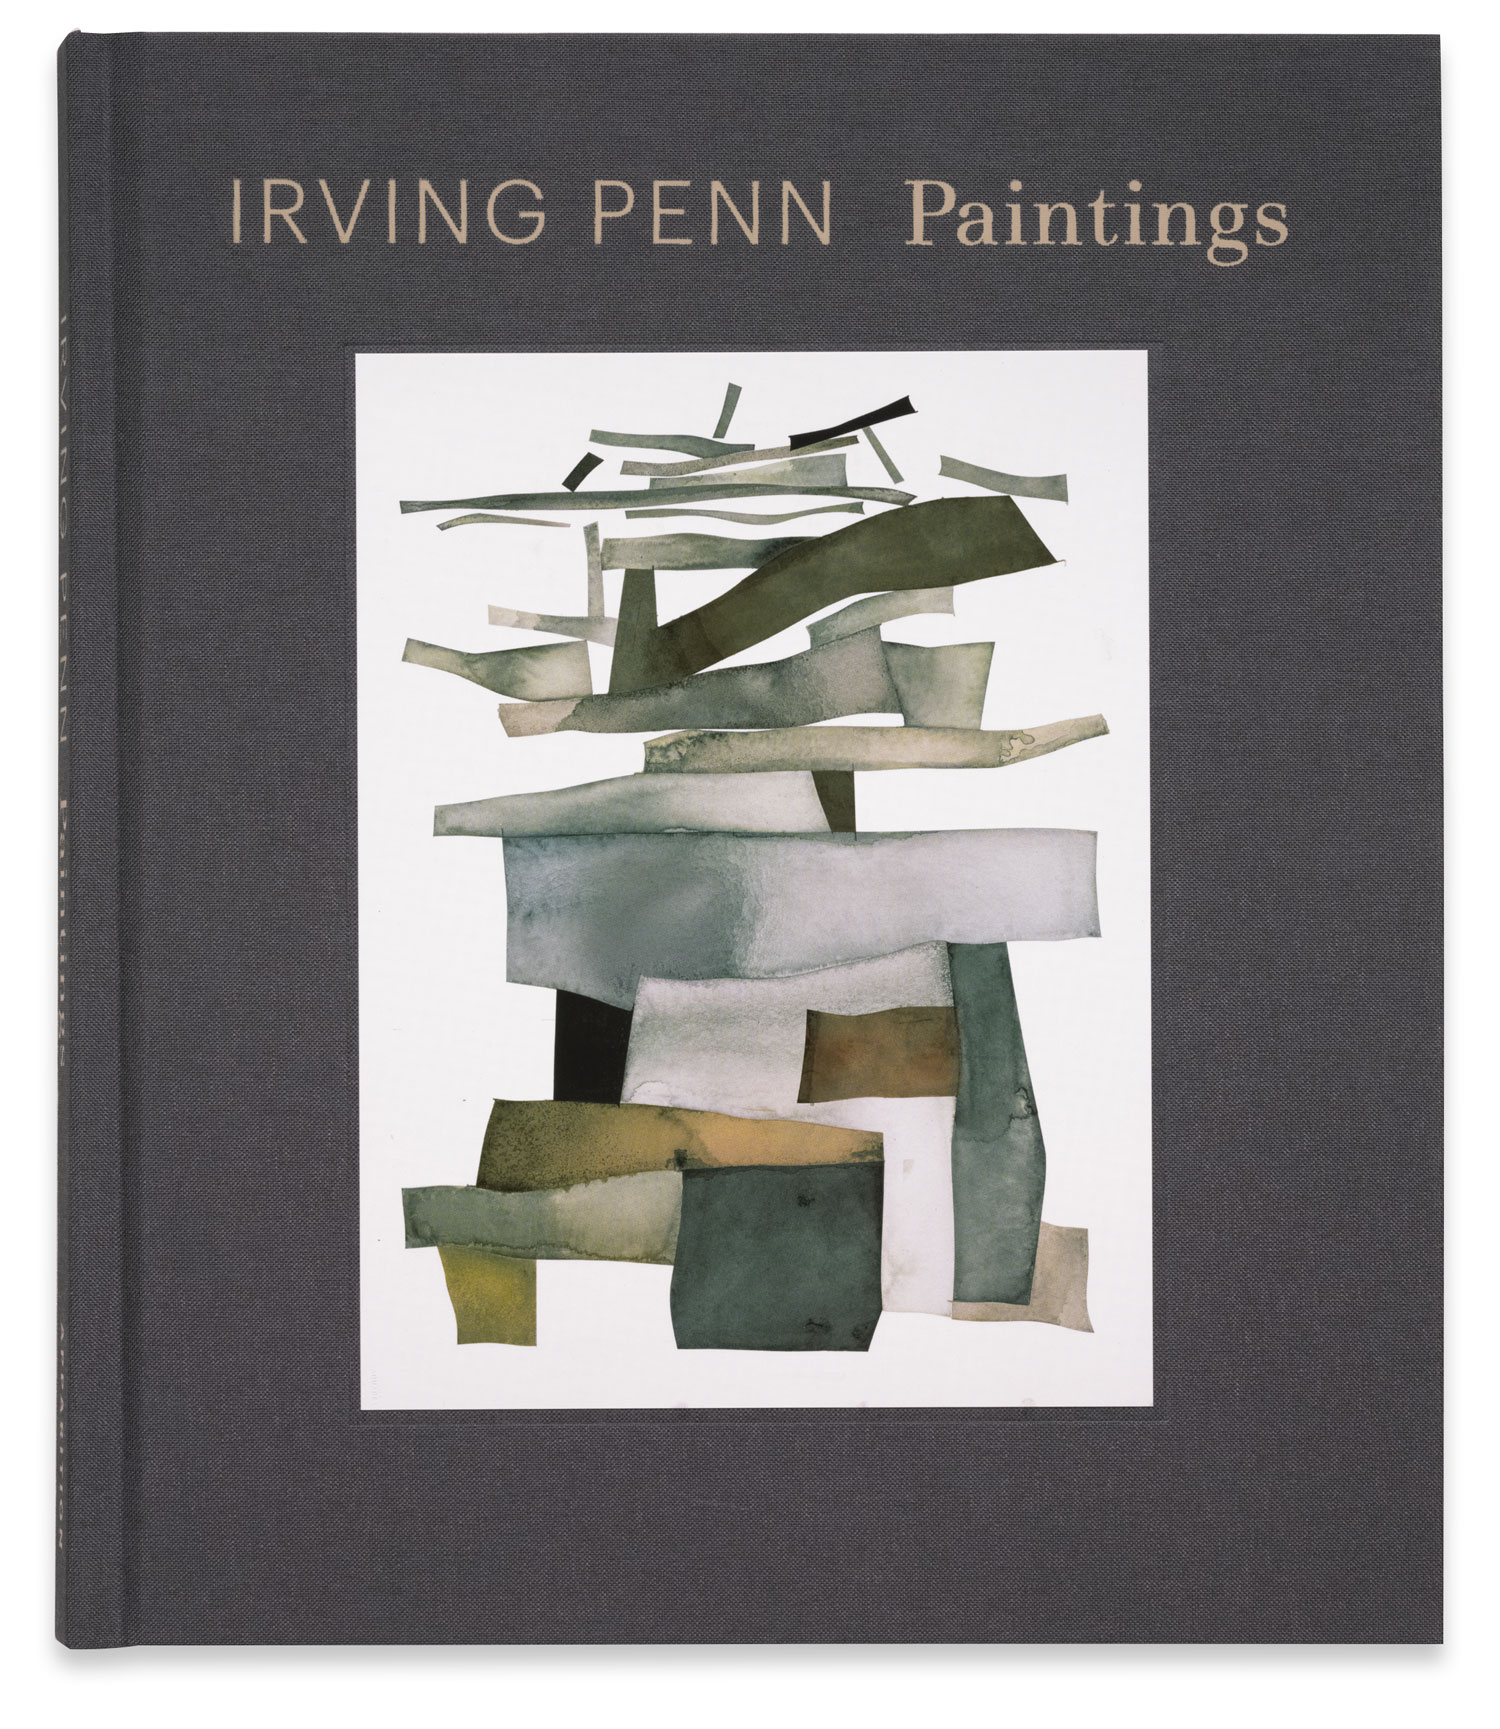 Irving_Penn_Paintings.jpg